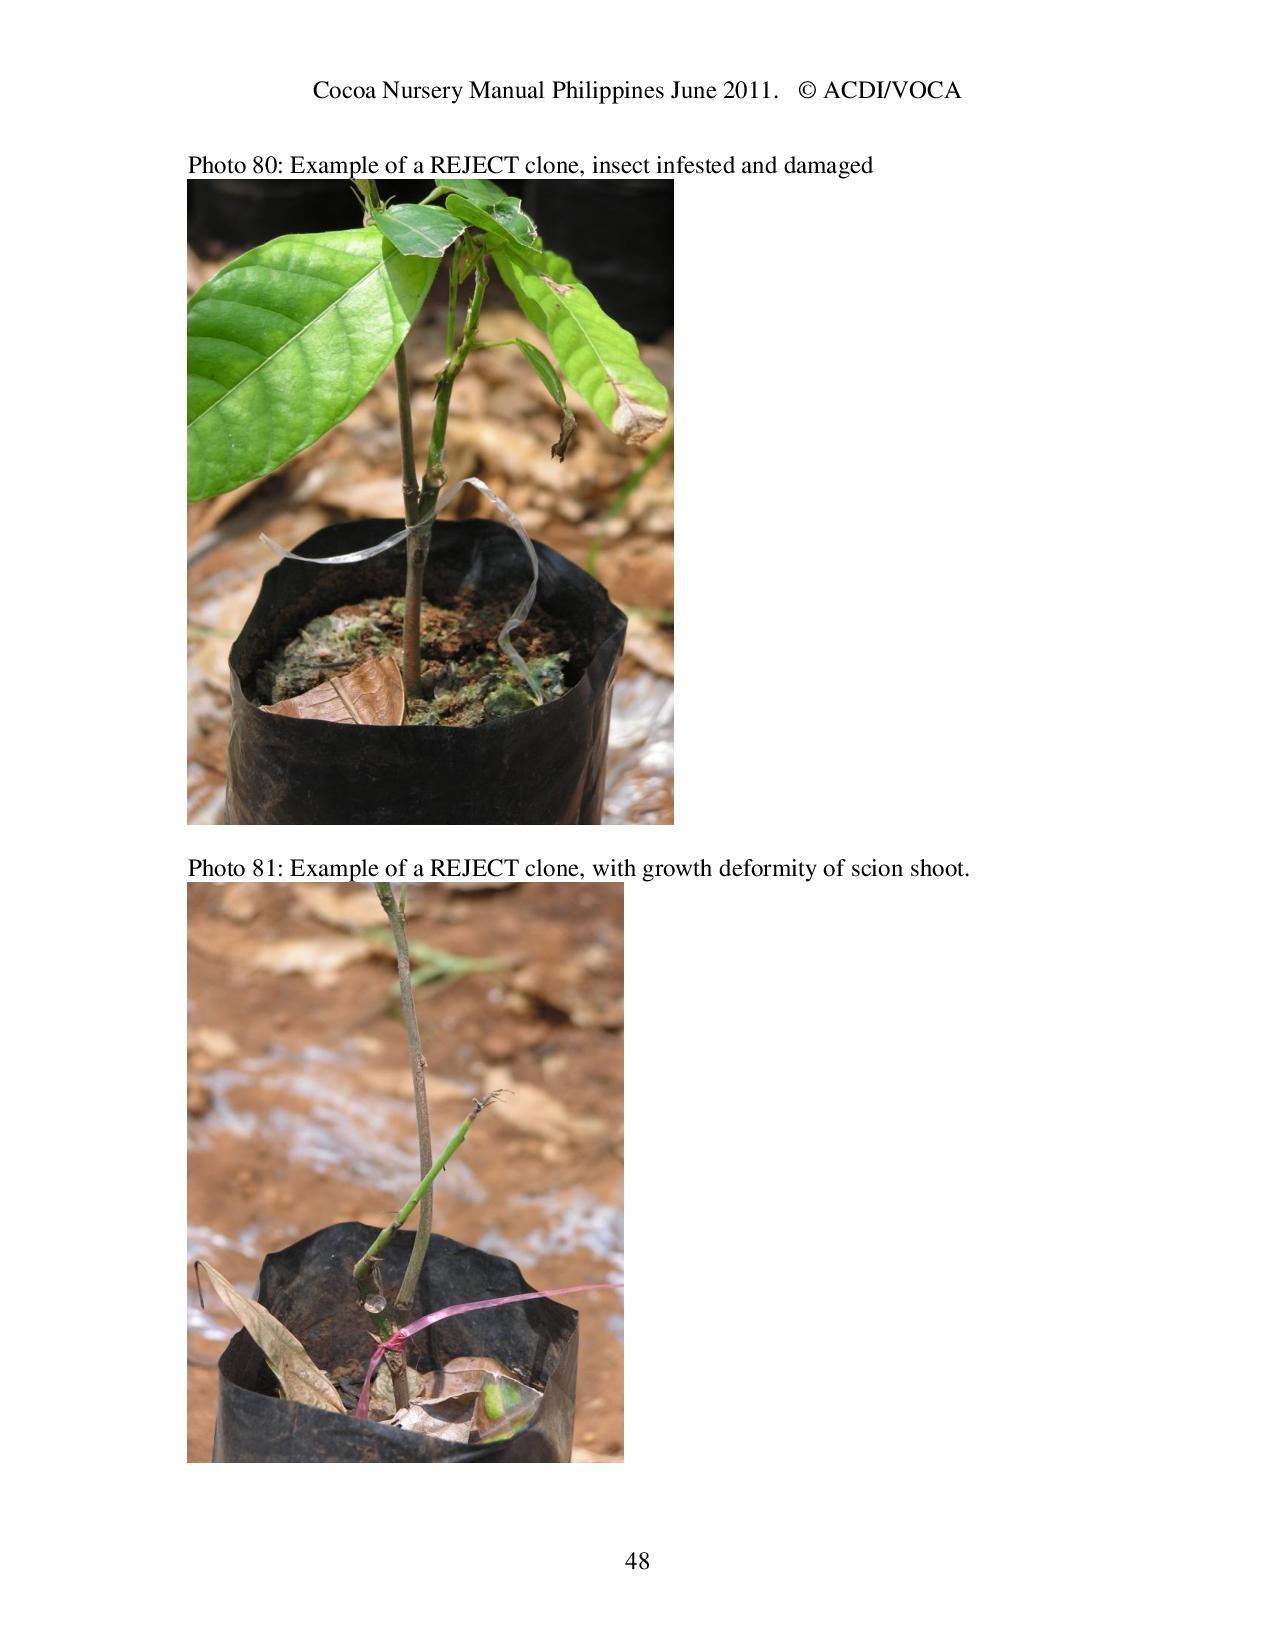 Cocoa-Nursery-Manual-2011_acdi-voca-page-048